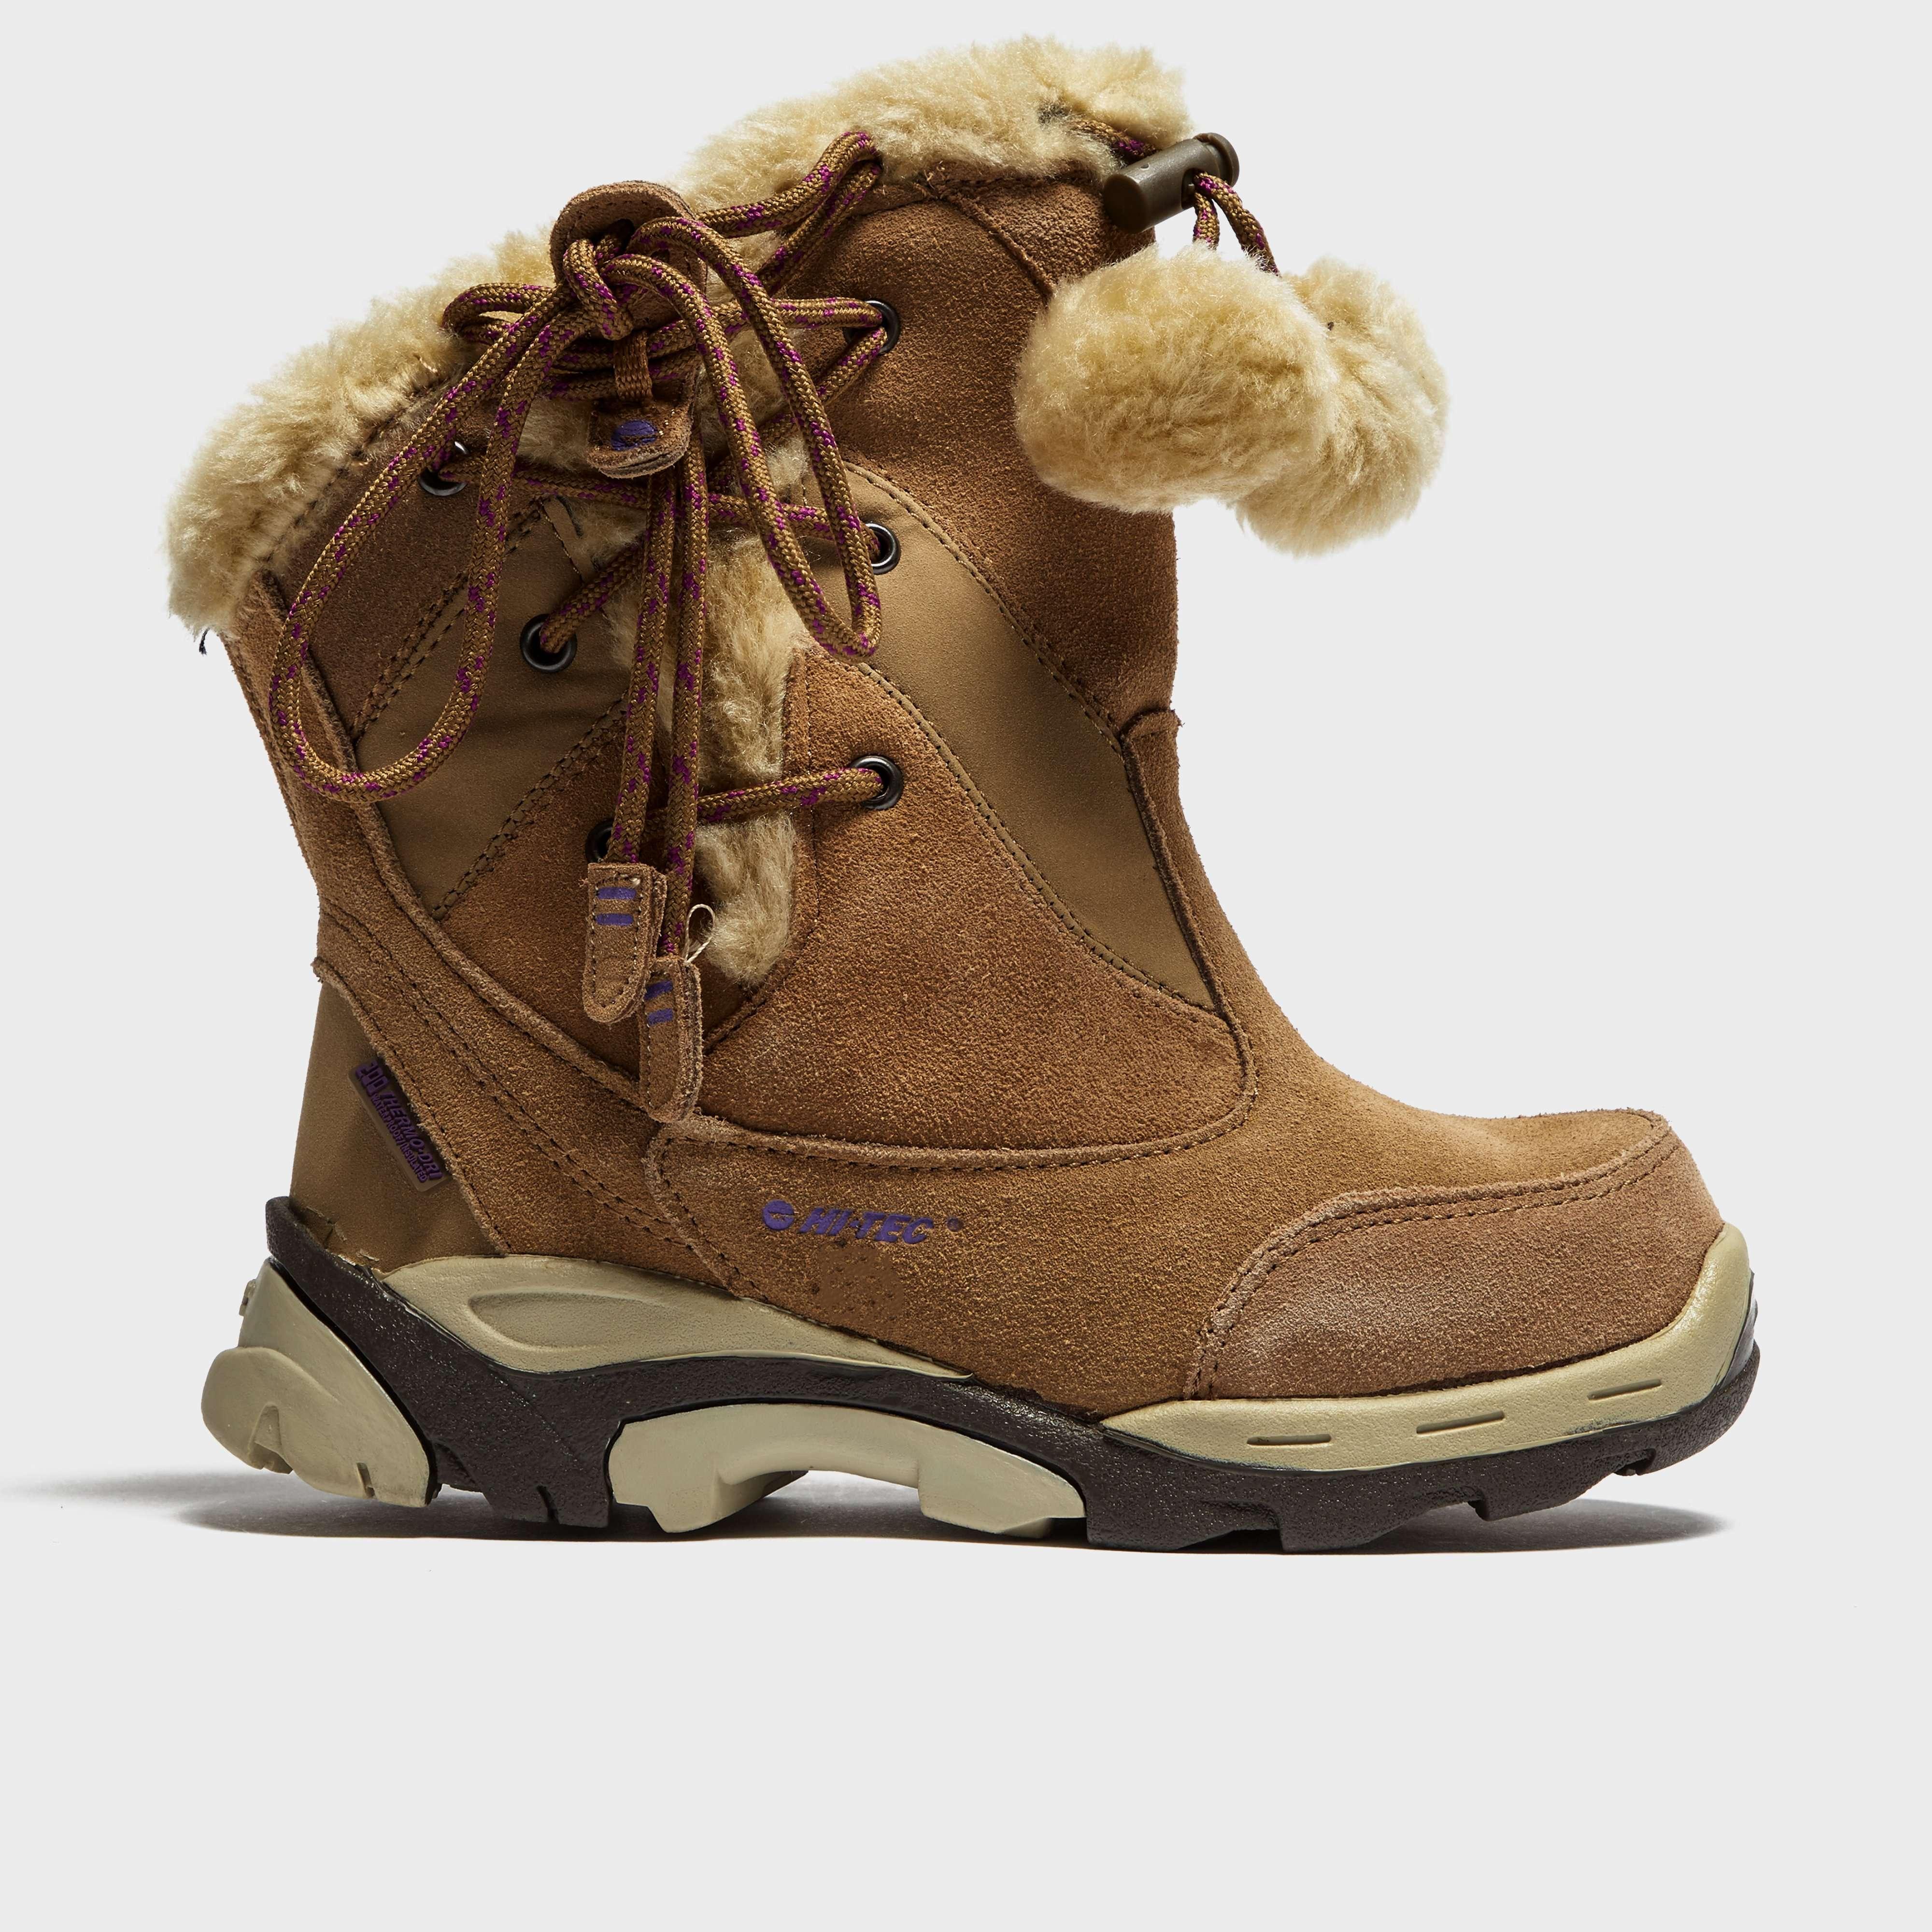 HI TEC Vail Junior Winter Boots